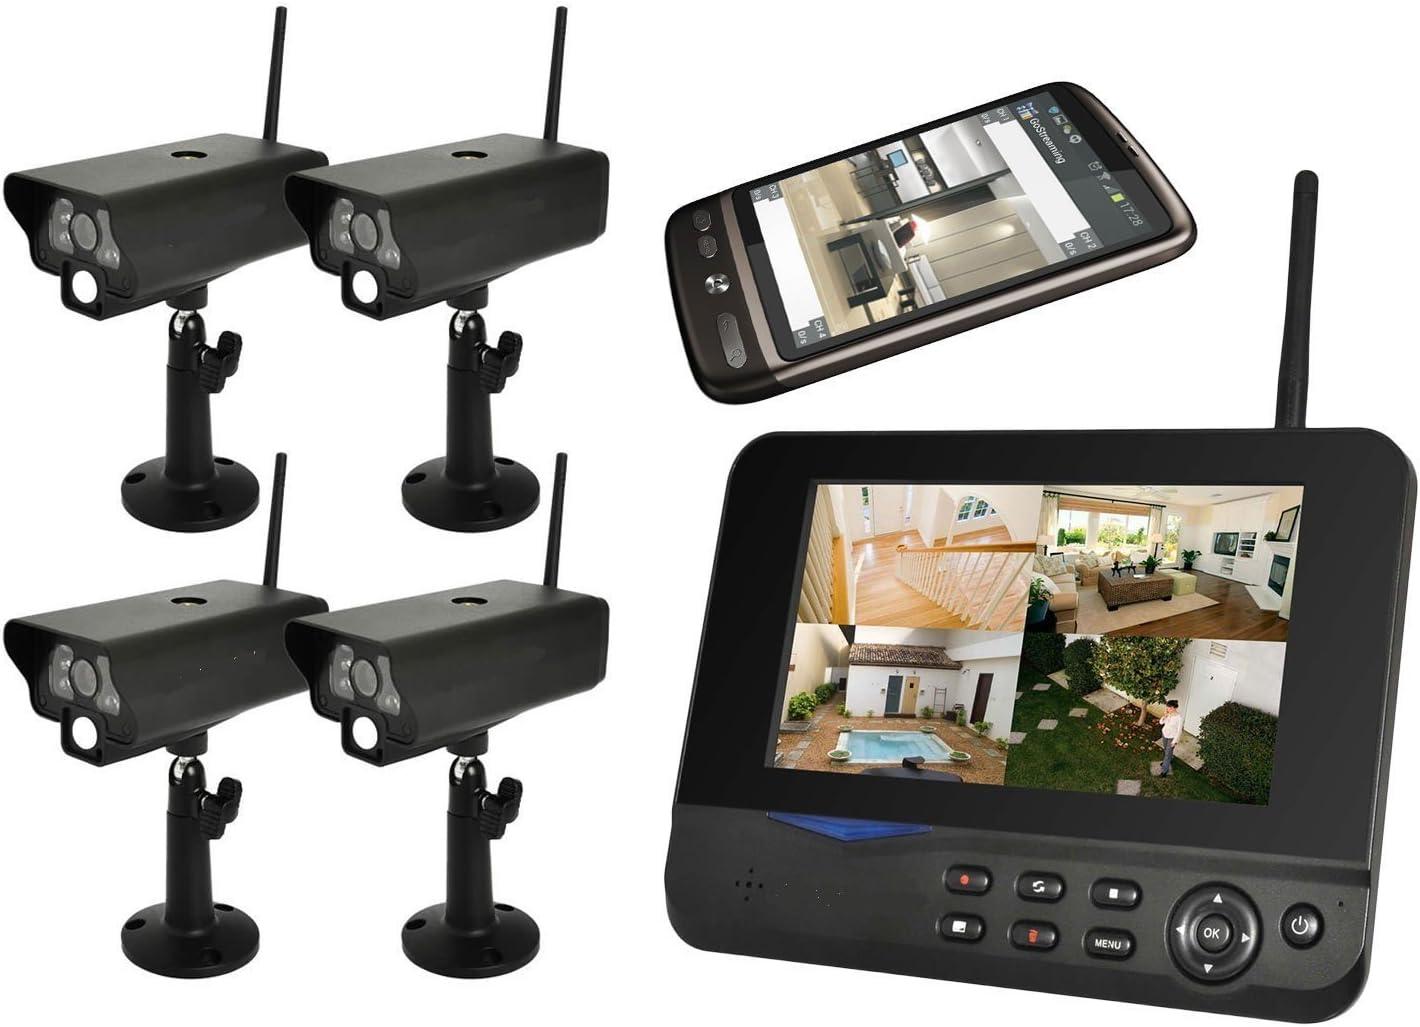 BONDWL 4 Cámara 5 m de infrarrojos sistema de circuito cerrado de televisión inalámbrico Digital con pantalla LCD de conectores de audio y acceso